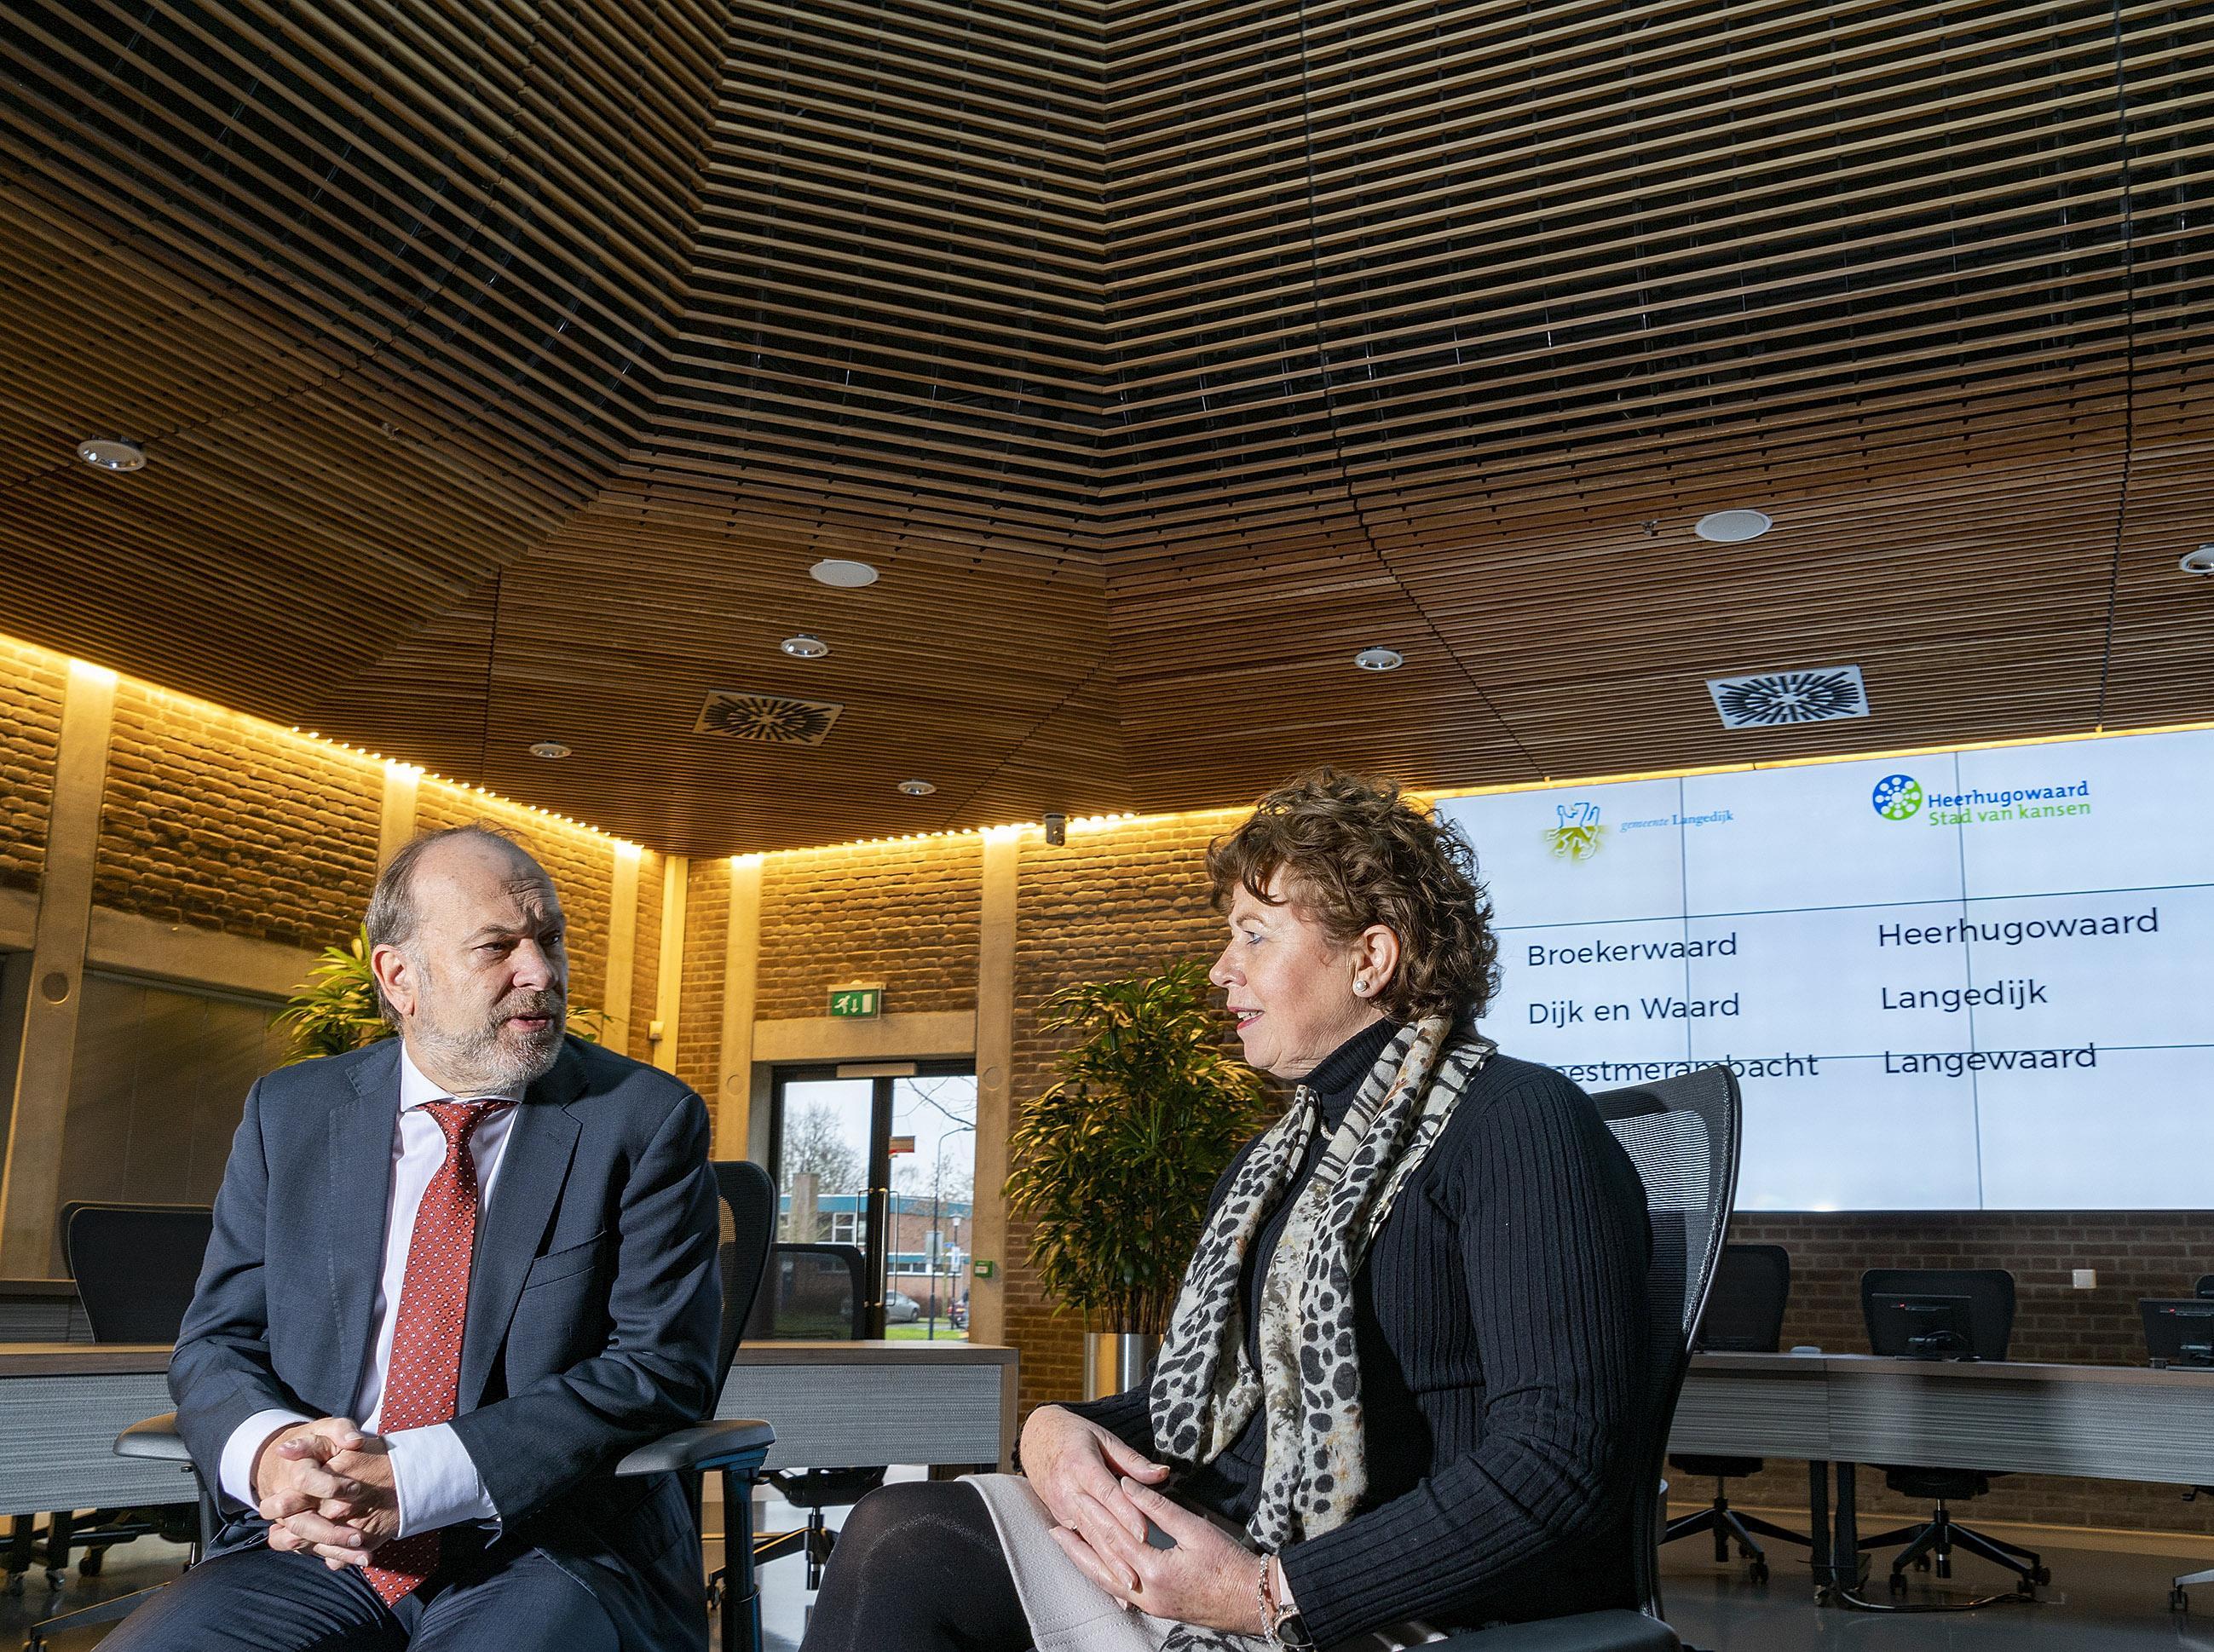 Voor- en tegenstanders ongedeelde fusie tussen Langedijk en Heerhugowaard roeren zich bij werkbezoek Directeur Generaal